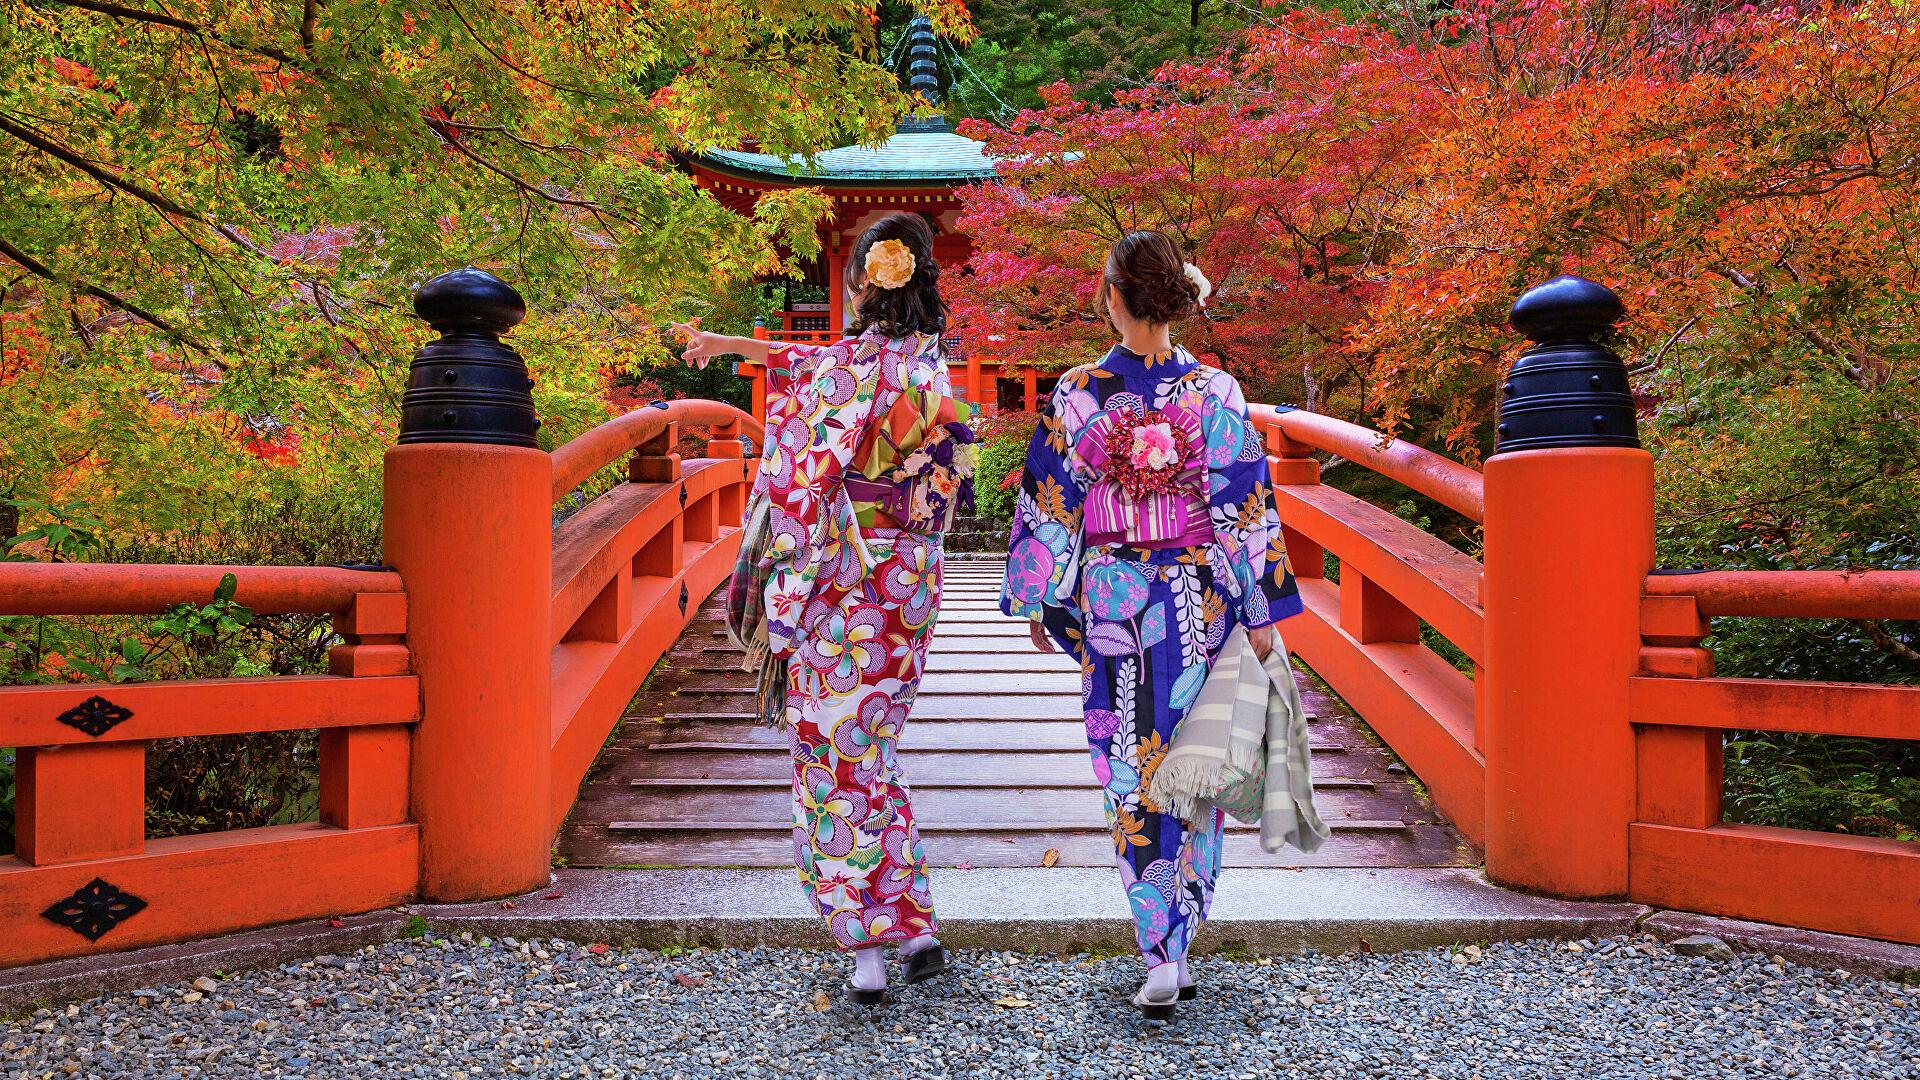 Япония   описание, население, достопримечательности, информация о японии - travellan.ru